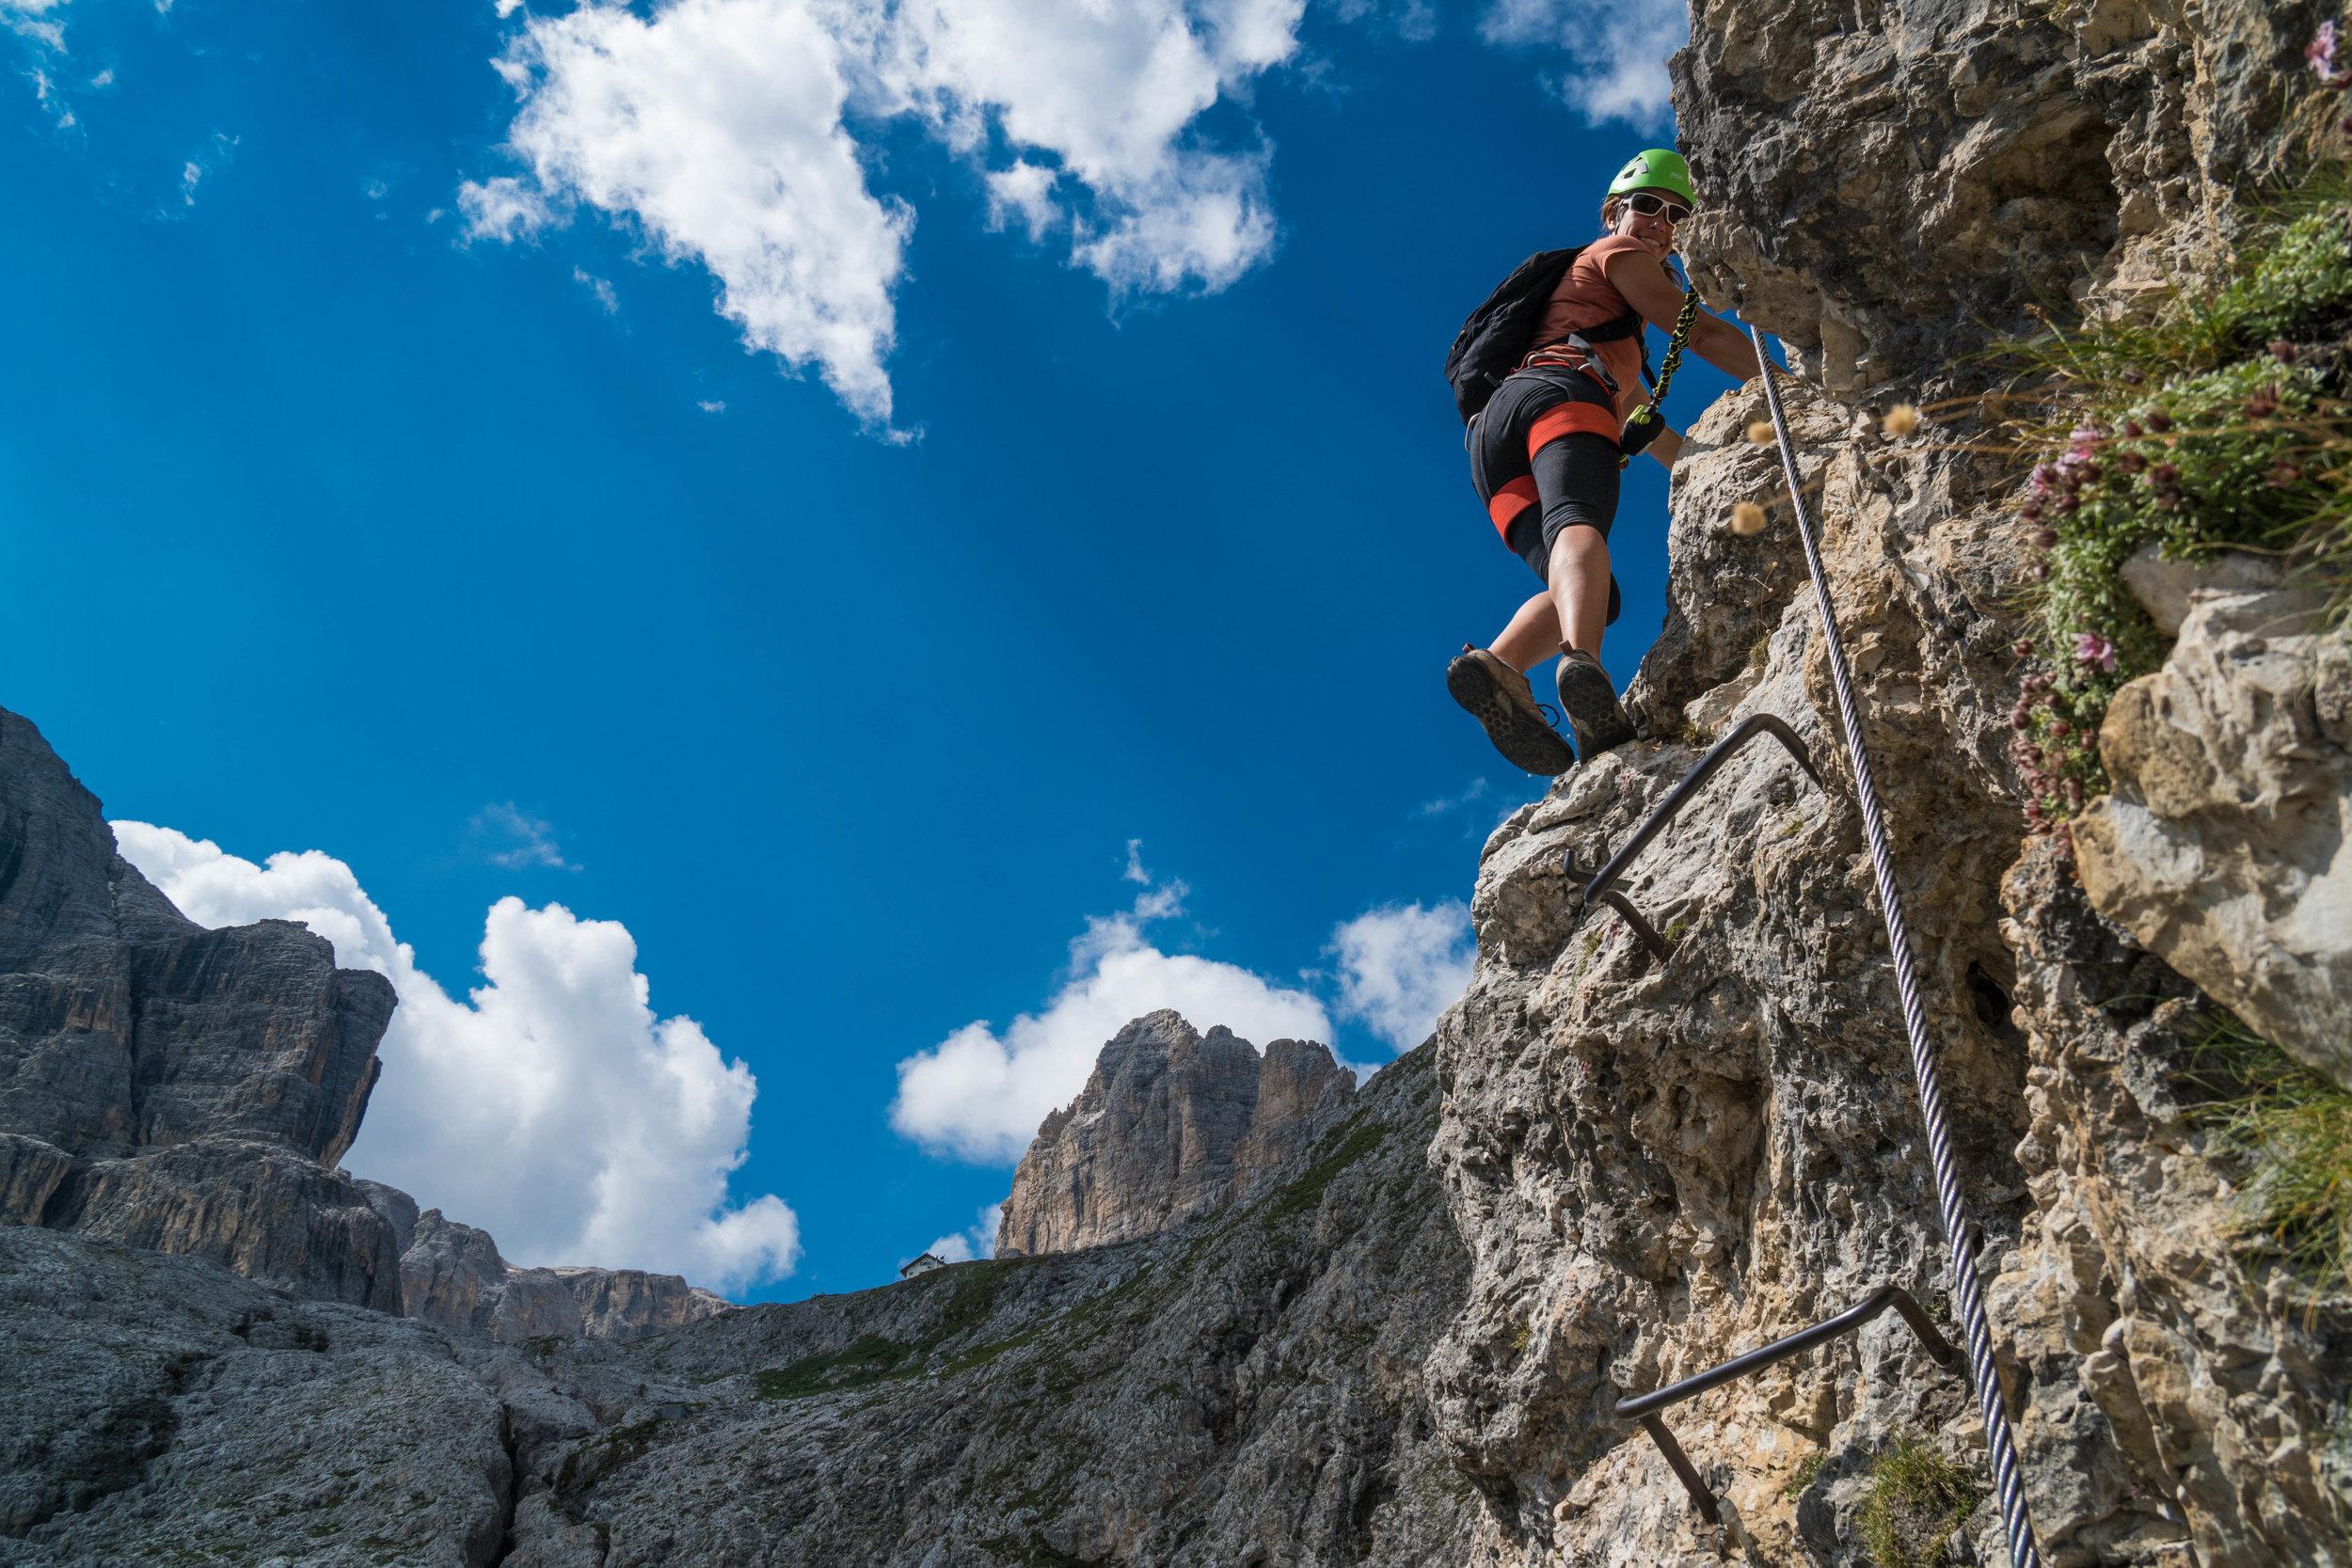 Climbing a via ferrata neat Falzorego Pass